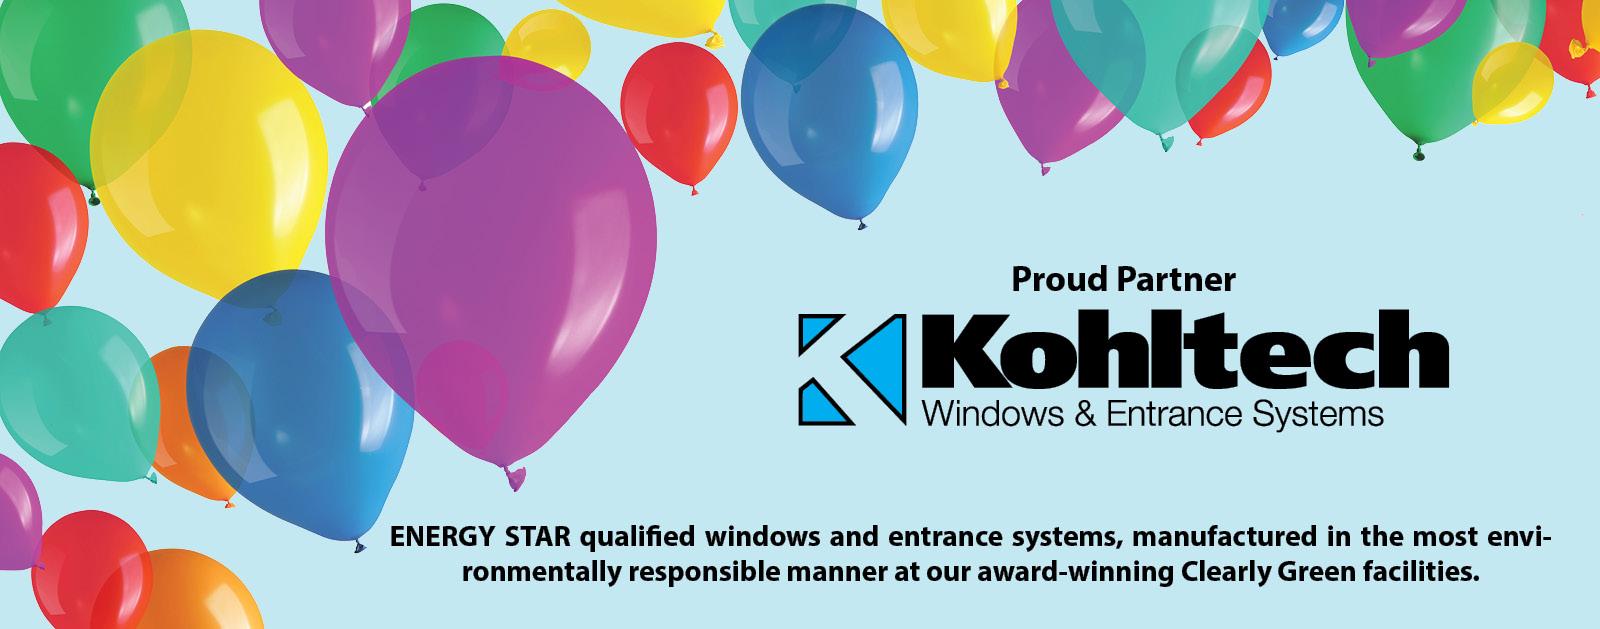 Proud Partner - Kohltech